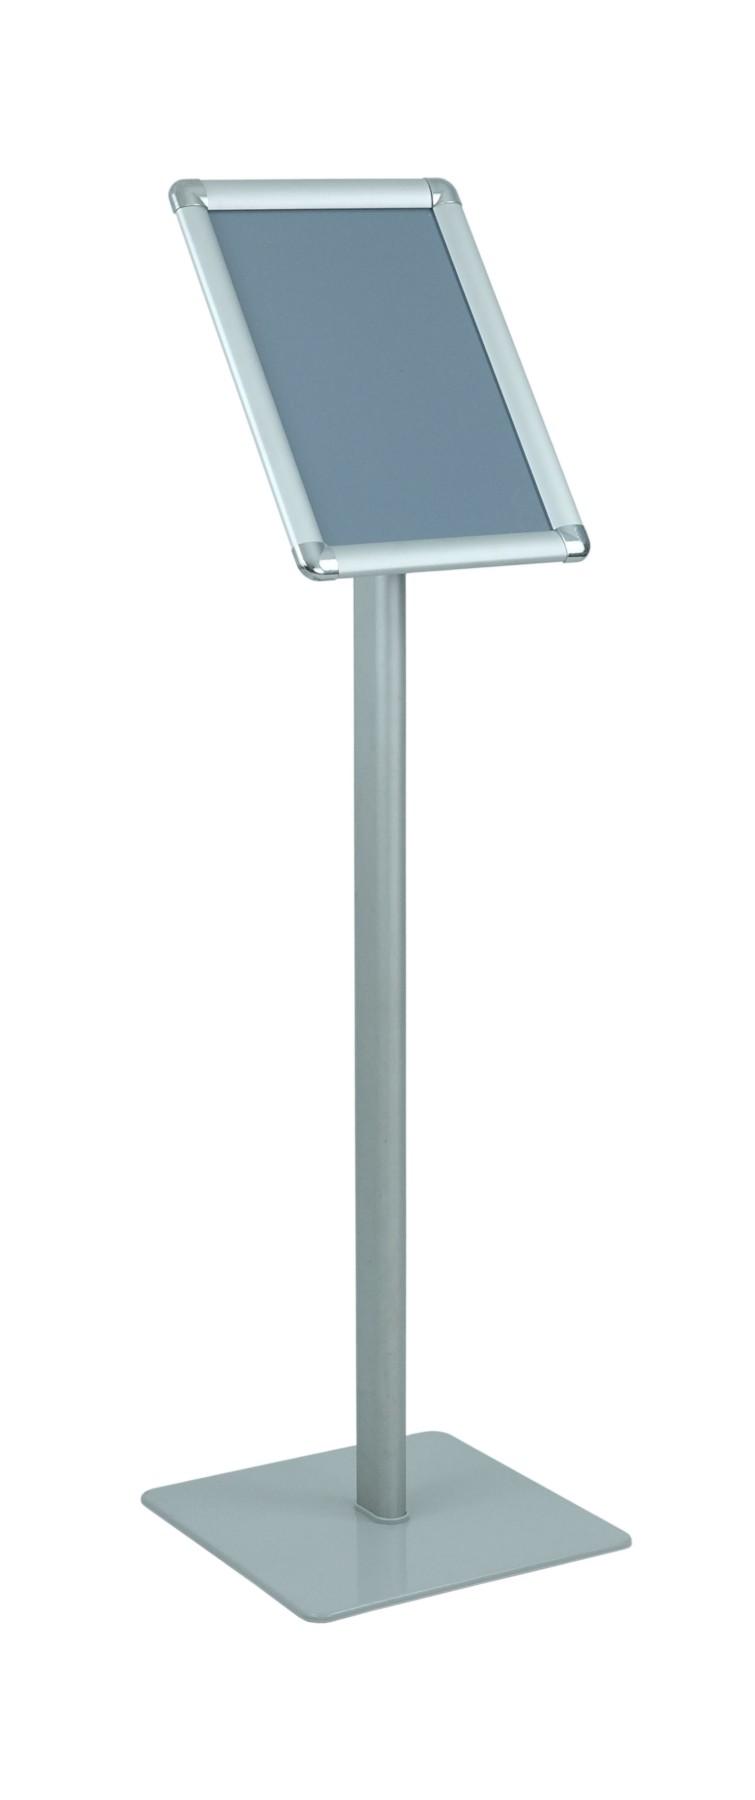 Reklamní stojan s kliprámem A3